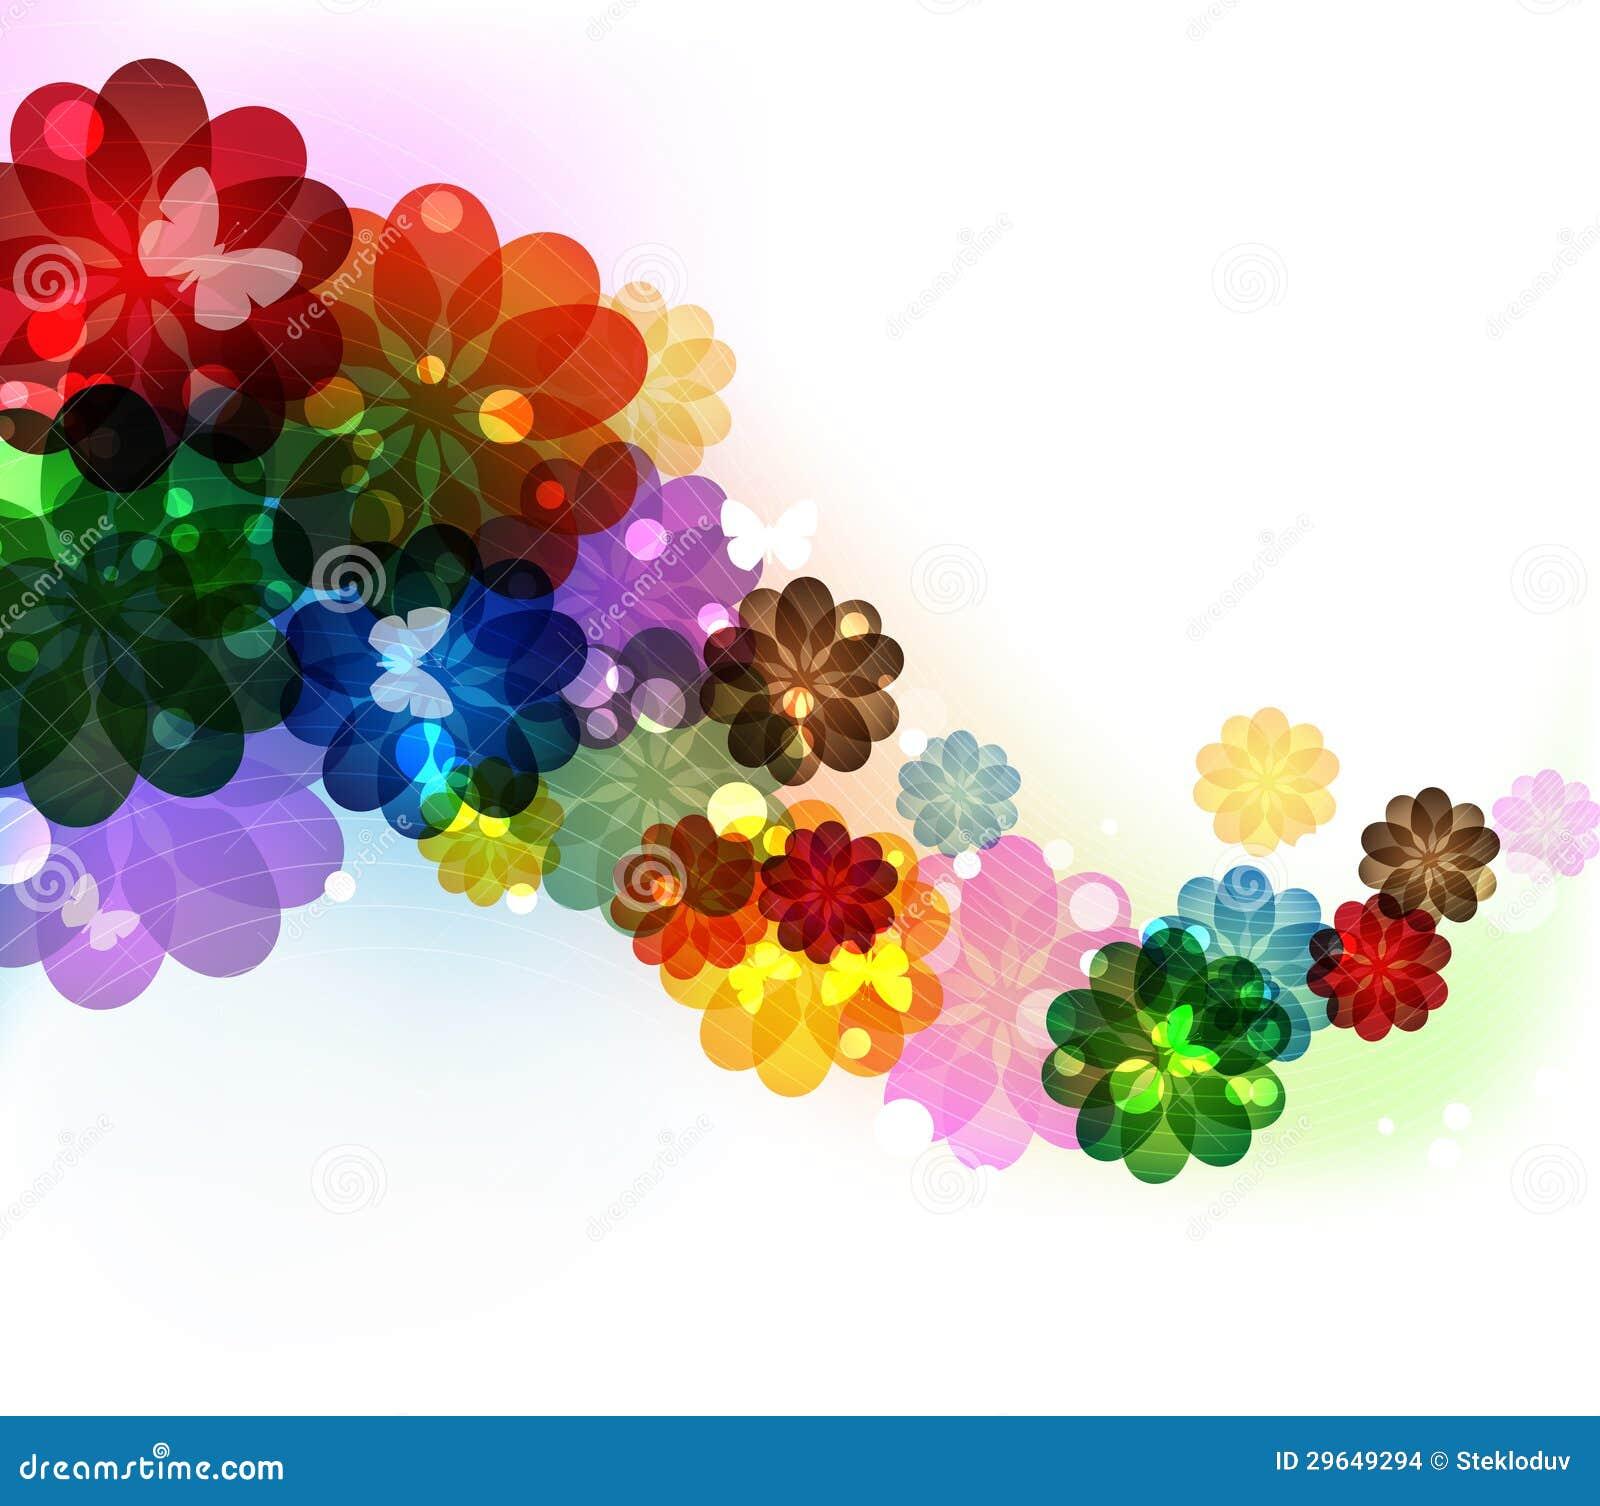 Fond Transparent De Fleur Images Stock Image 29649294